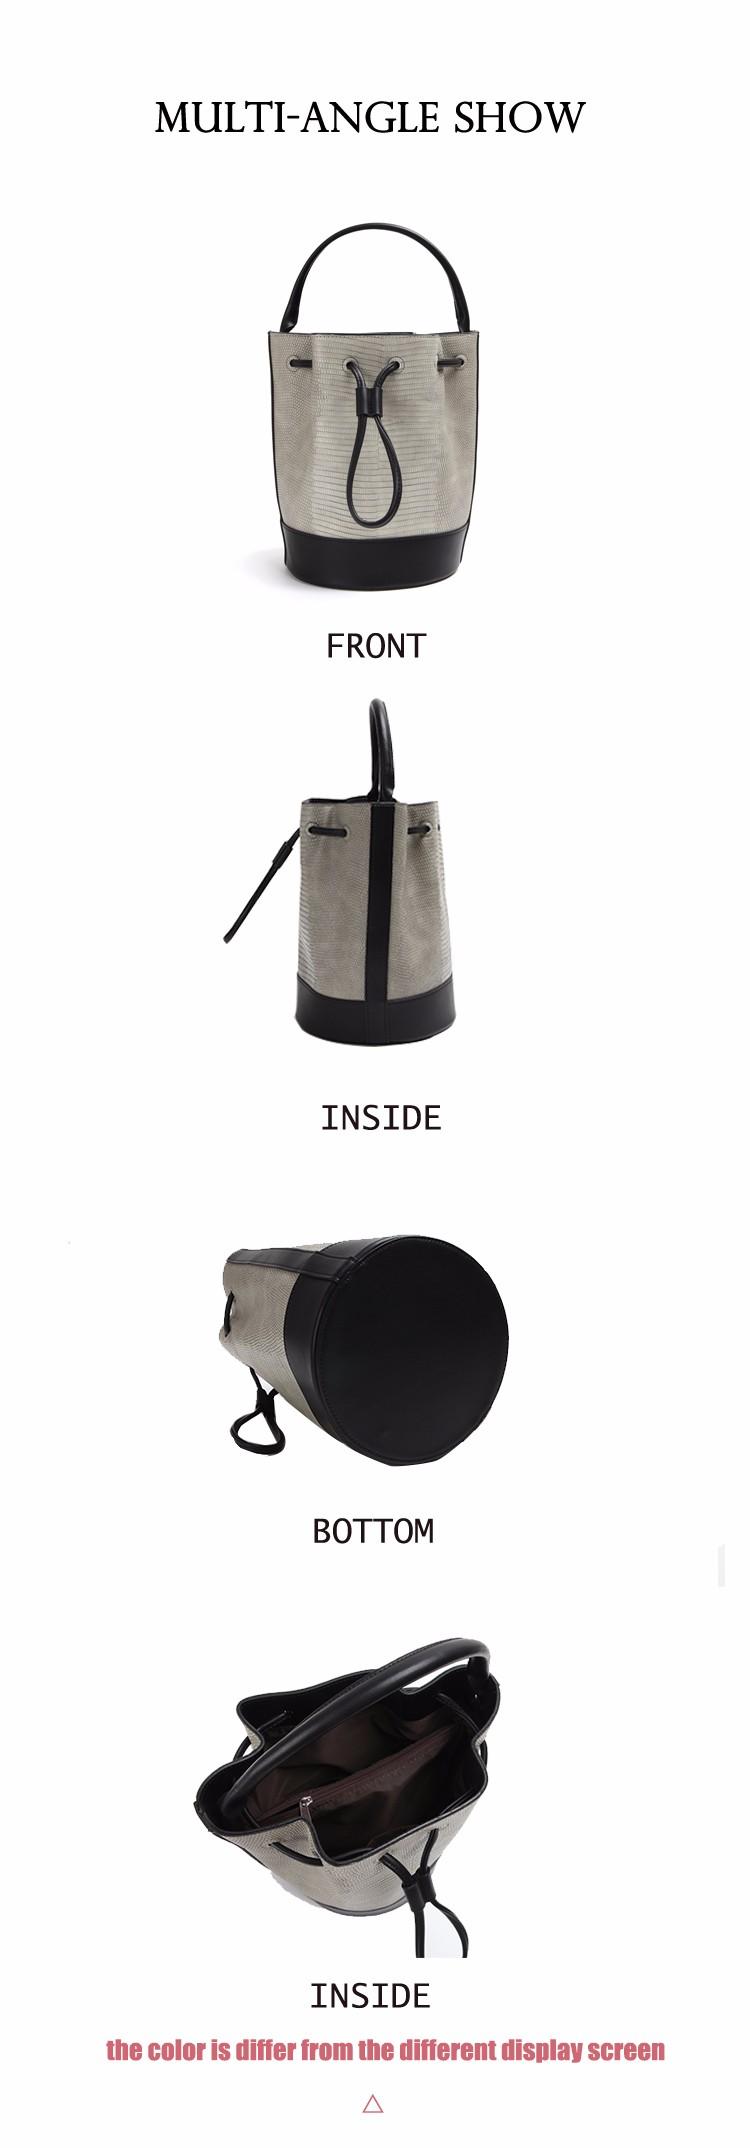 ซื้อ ที่มีชื่อเสียงผู้หญิงR Etroกลับกลอกกระเป๋าถือยี่ห้อสุภาพสตรีหนังPUไหล่ถุงสิริDrawstringถังวินเทจสิริMwssengerถุง